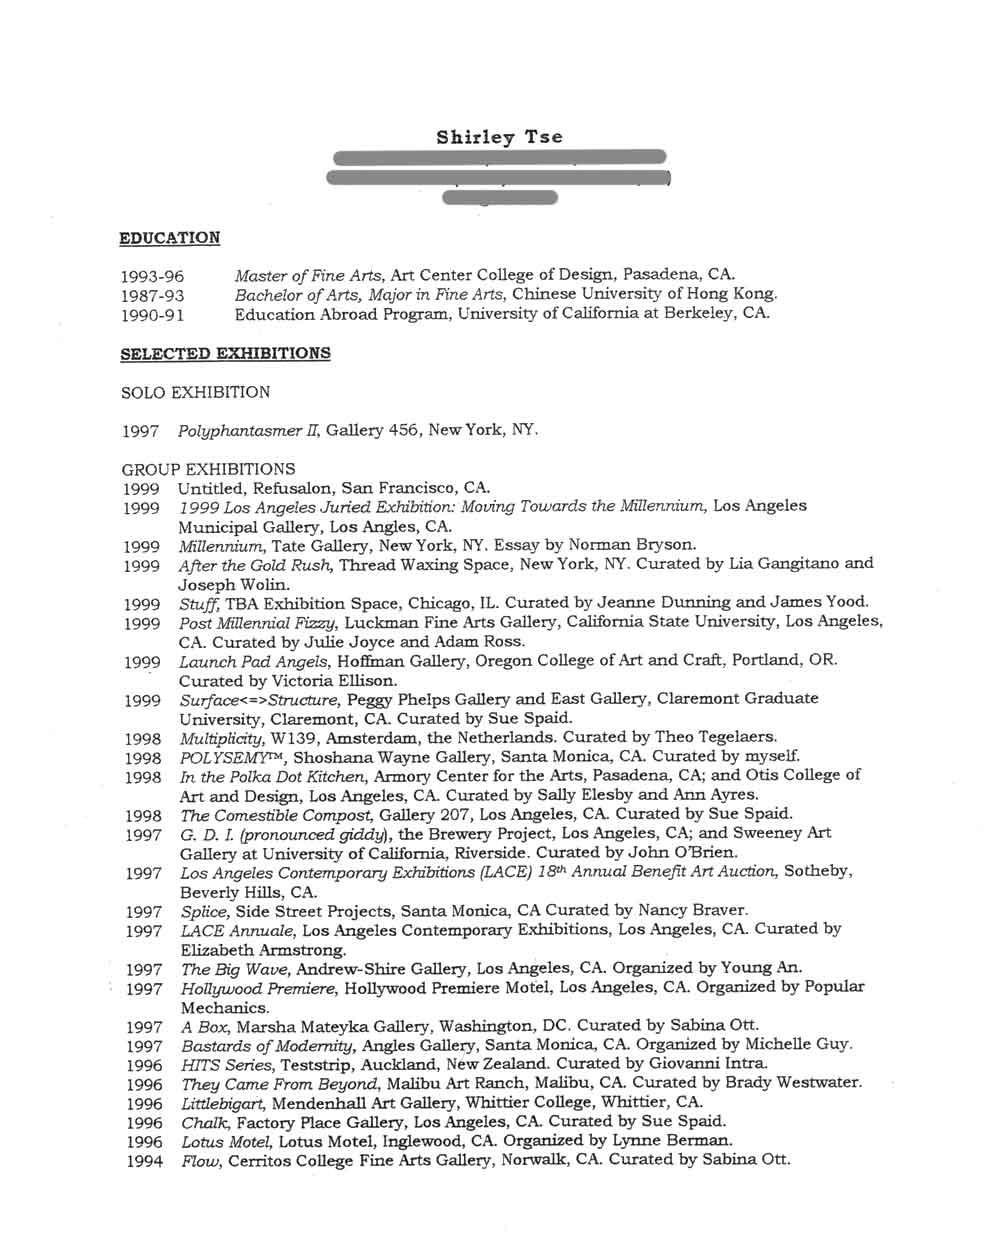 Shirley Tse's Resume, pg 1